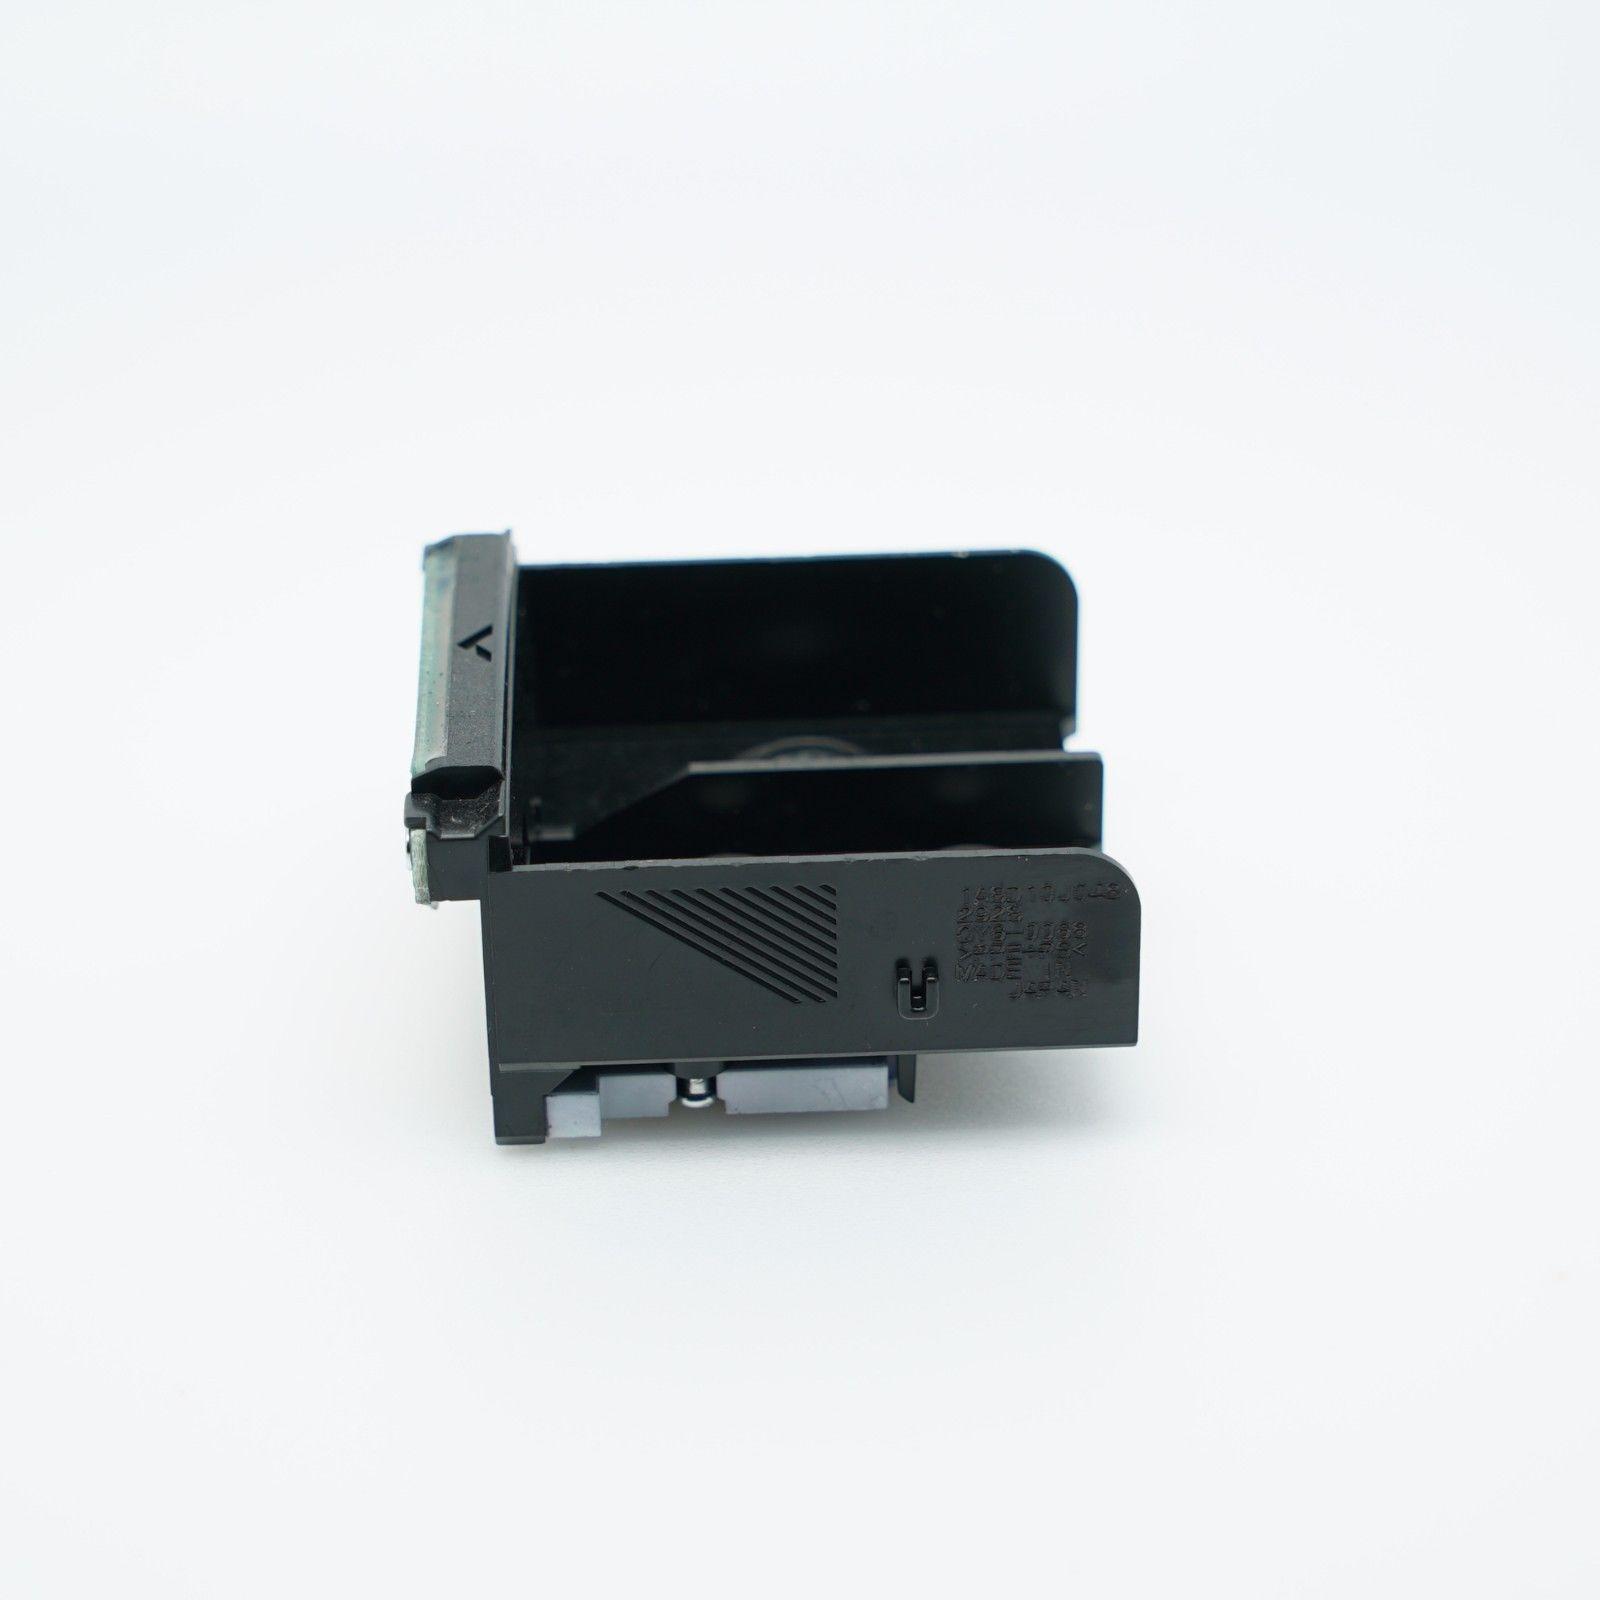 Tête d'impression de tête d'impression de QY6-0068 QY6-0068-000 pour CANON PIXMA iP100 iP110